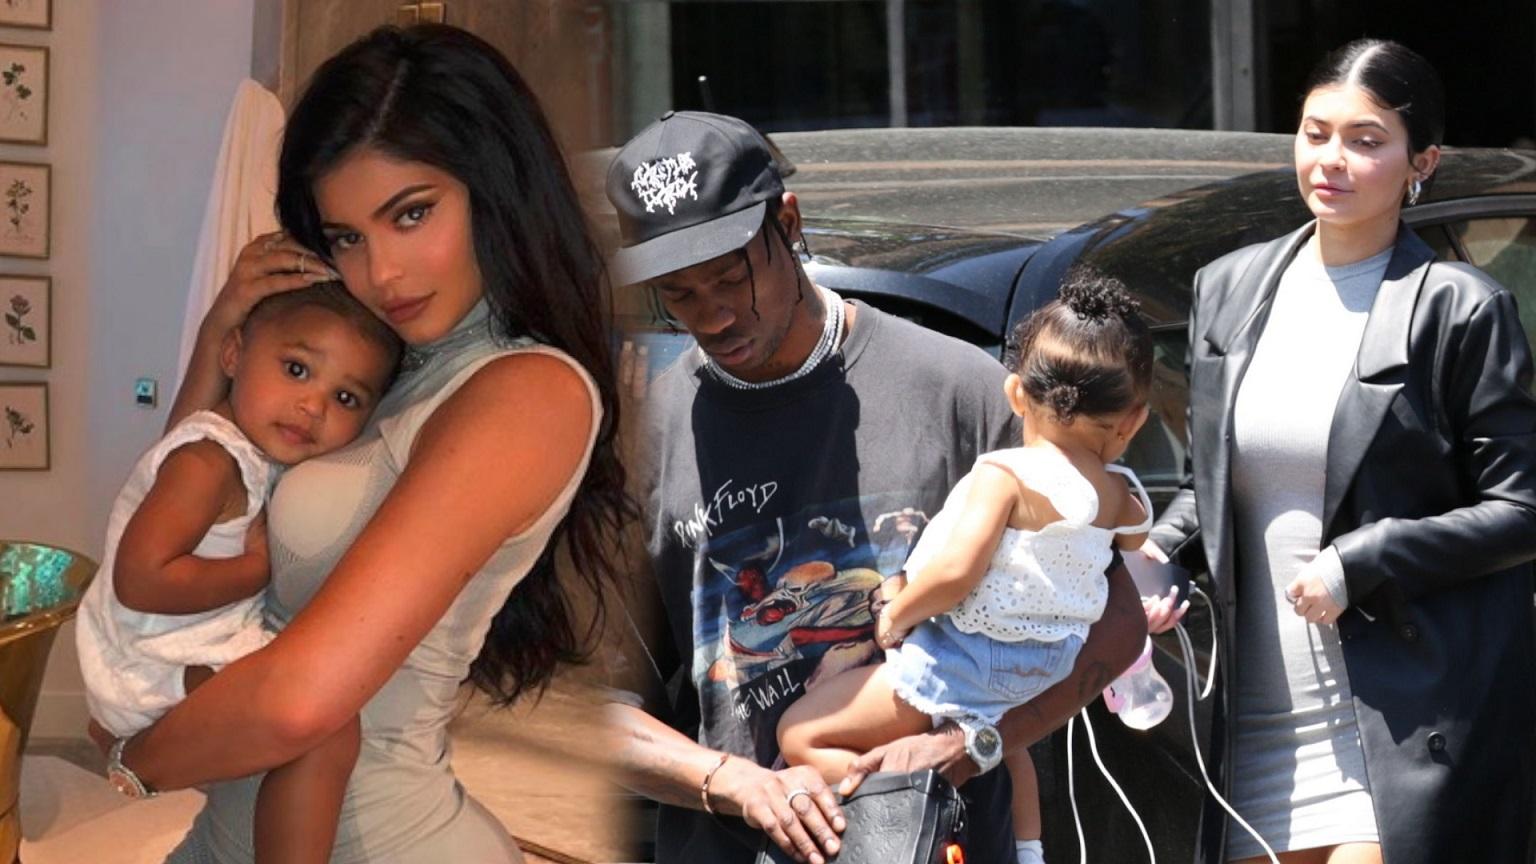 OMG Jaką niespodziankę Kylie Jenner zrobiła Travisowi z okazji Dnia Ojca. UROCZE!